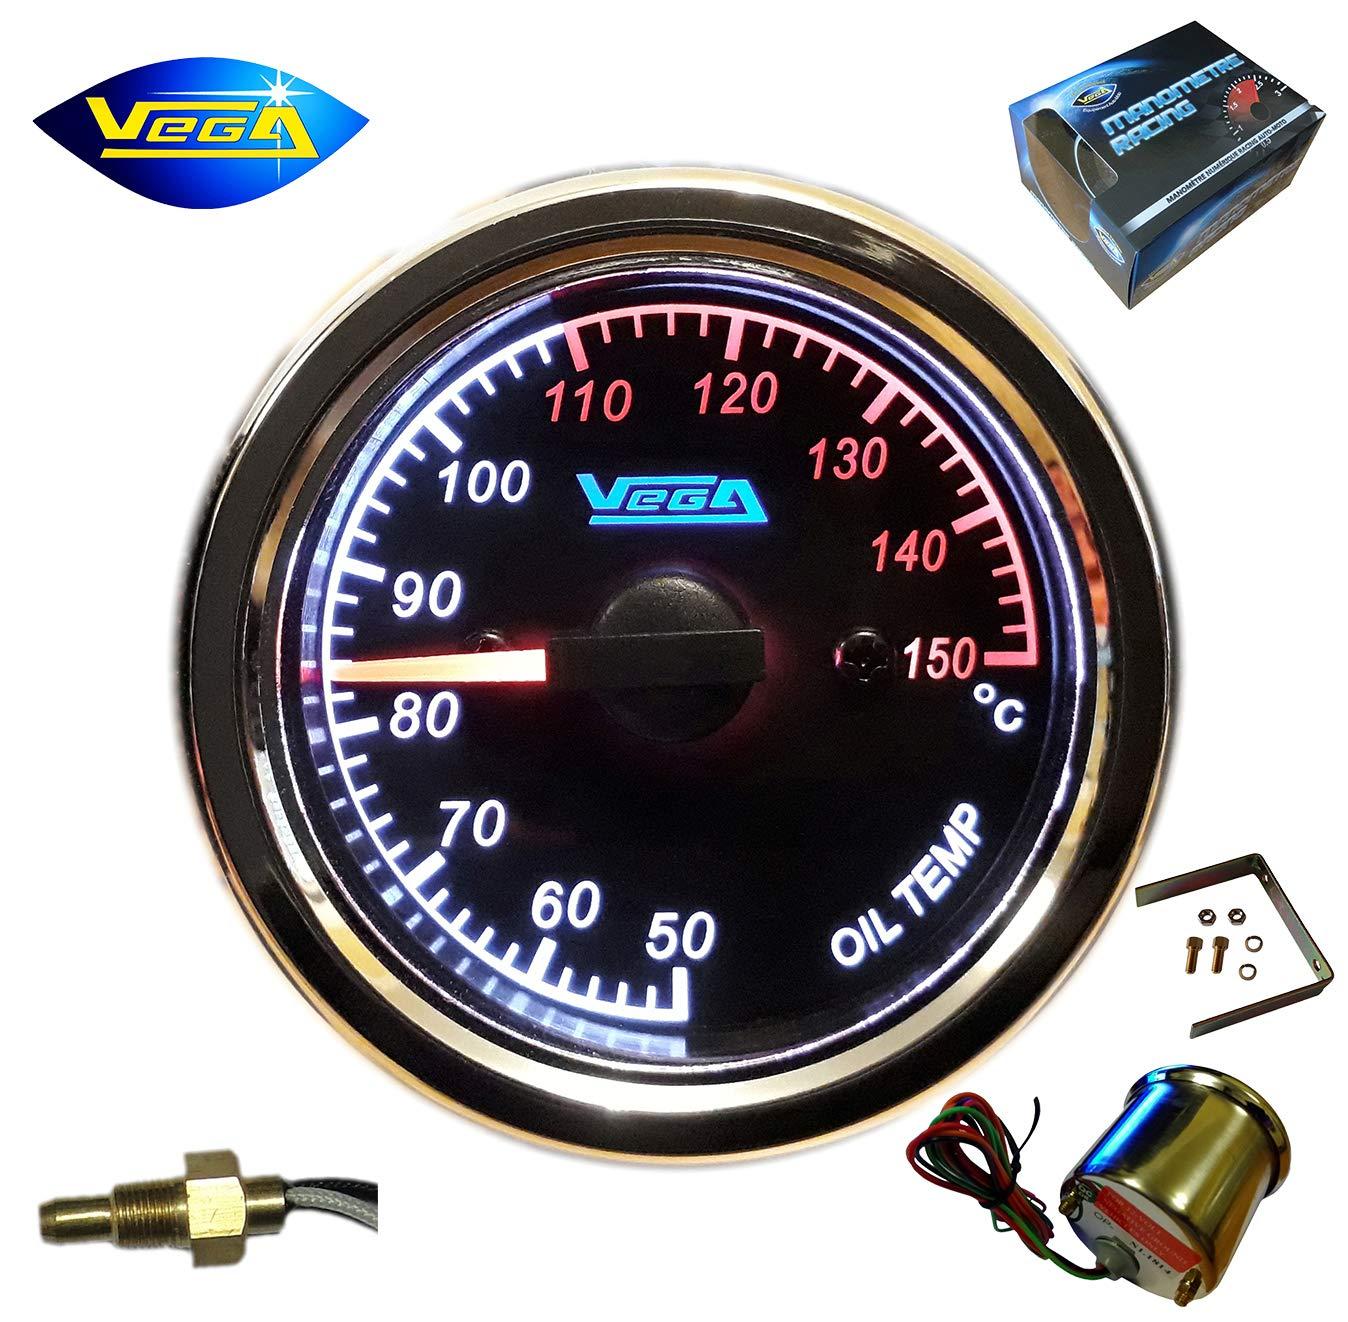 Manomètre Vega® température d'huile Moteur INOX étanche 50-150 °C Moto Bateau chromé Retro-éclairé LED 52 mm Marque Française